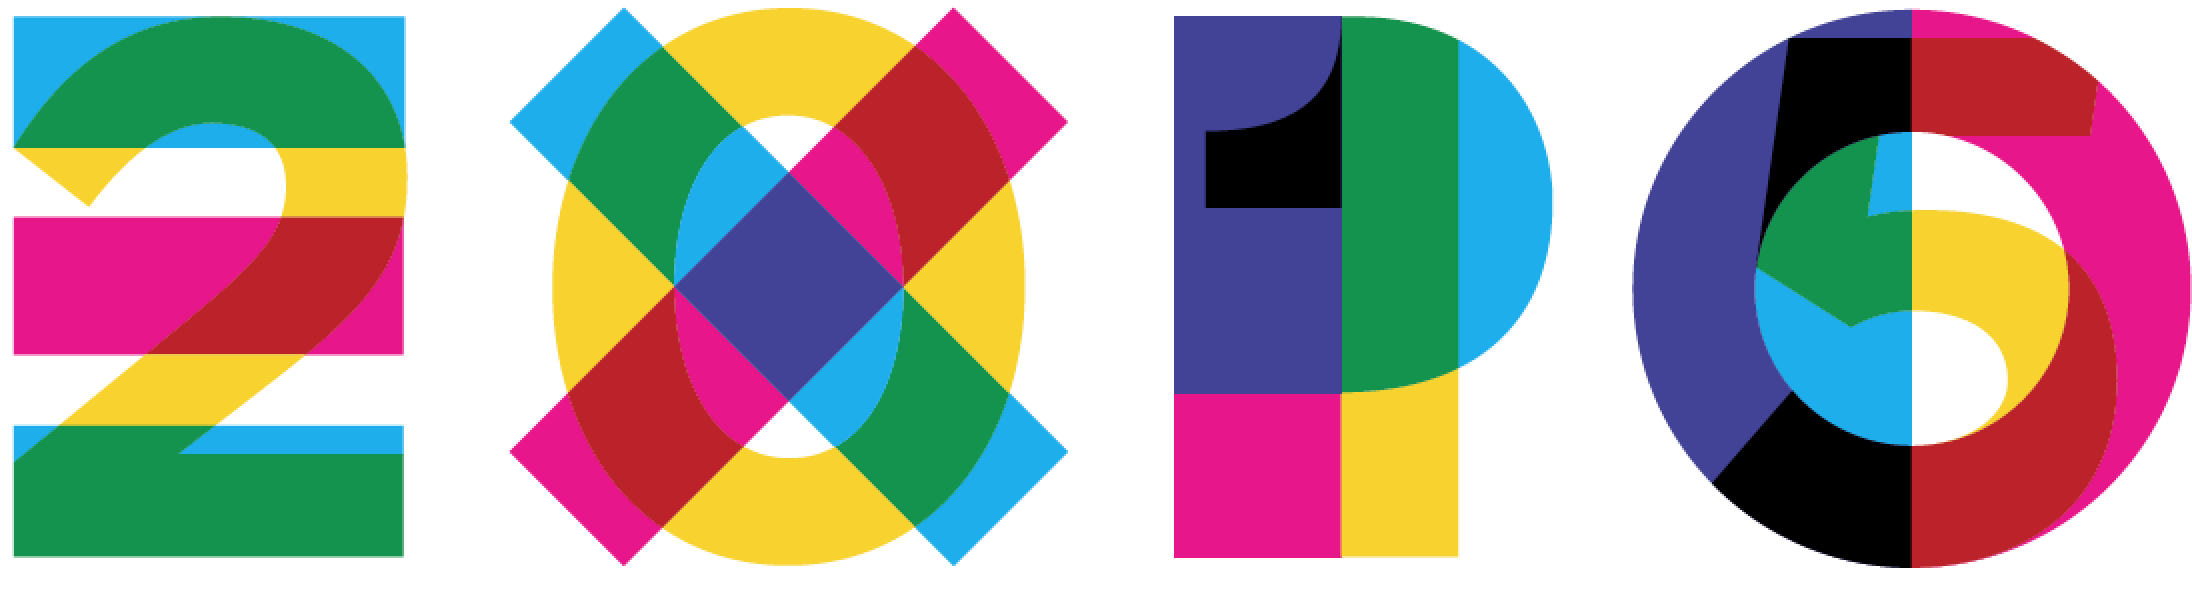 Expo 2015, 20 addetti alla sicurezza: requisiti e scadenza